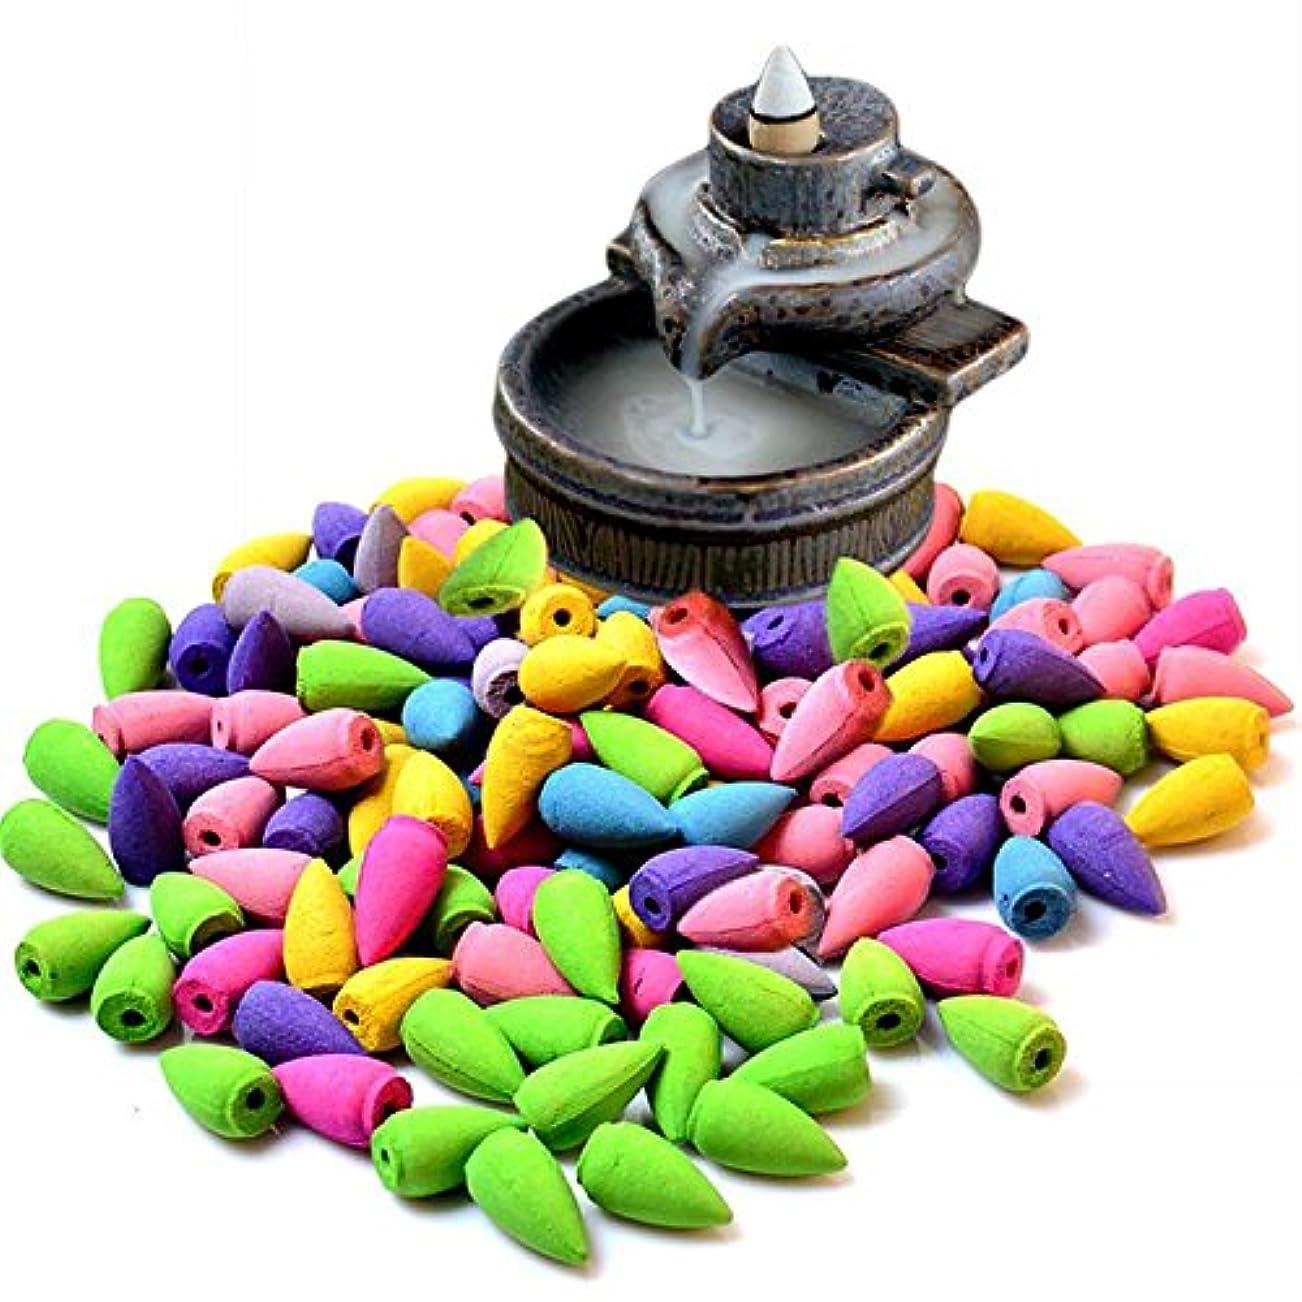 六分儀モッキンバード不利ECYC Rerro  陶器の香炉 室内用バックフローつり香炉 アロマセラピー用の香立て  収集可能 B01LC3EI7O